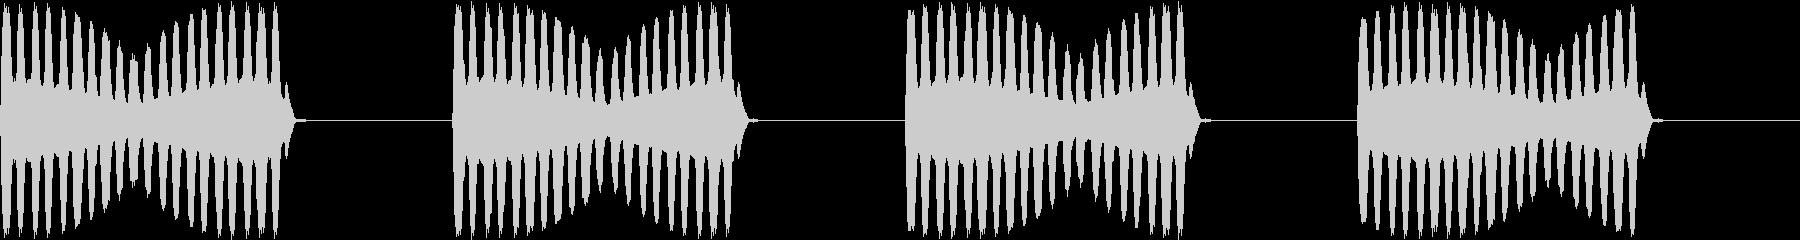 アラーム 電話 未来的 宇宙船 ブザーの未再生の波形